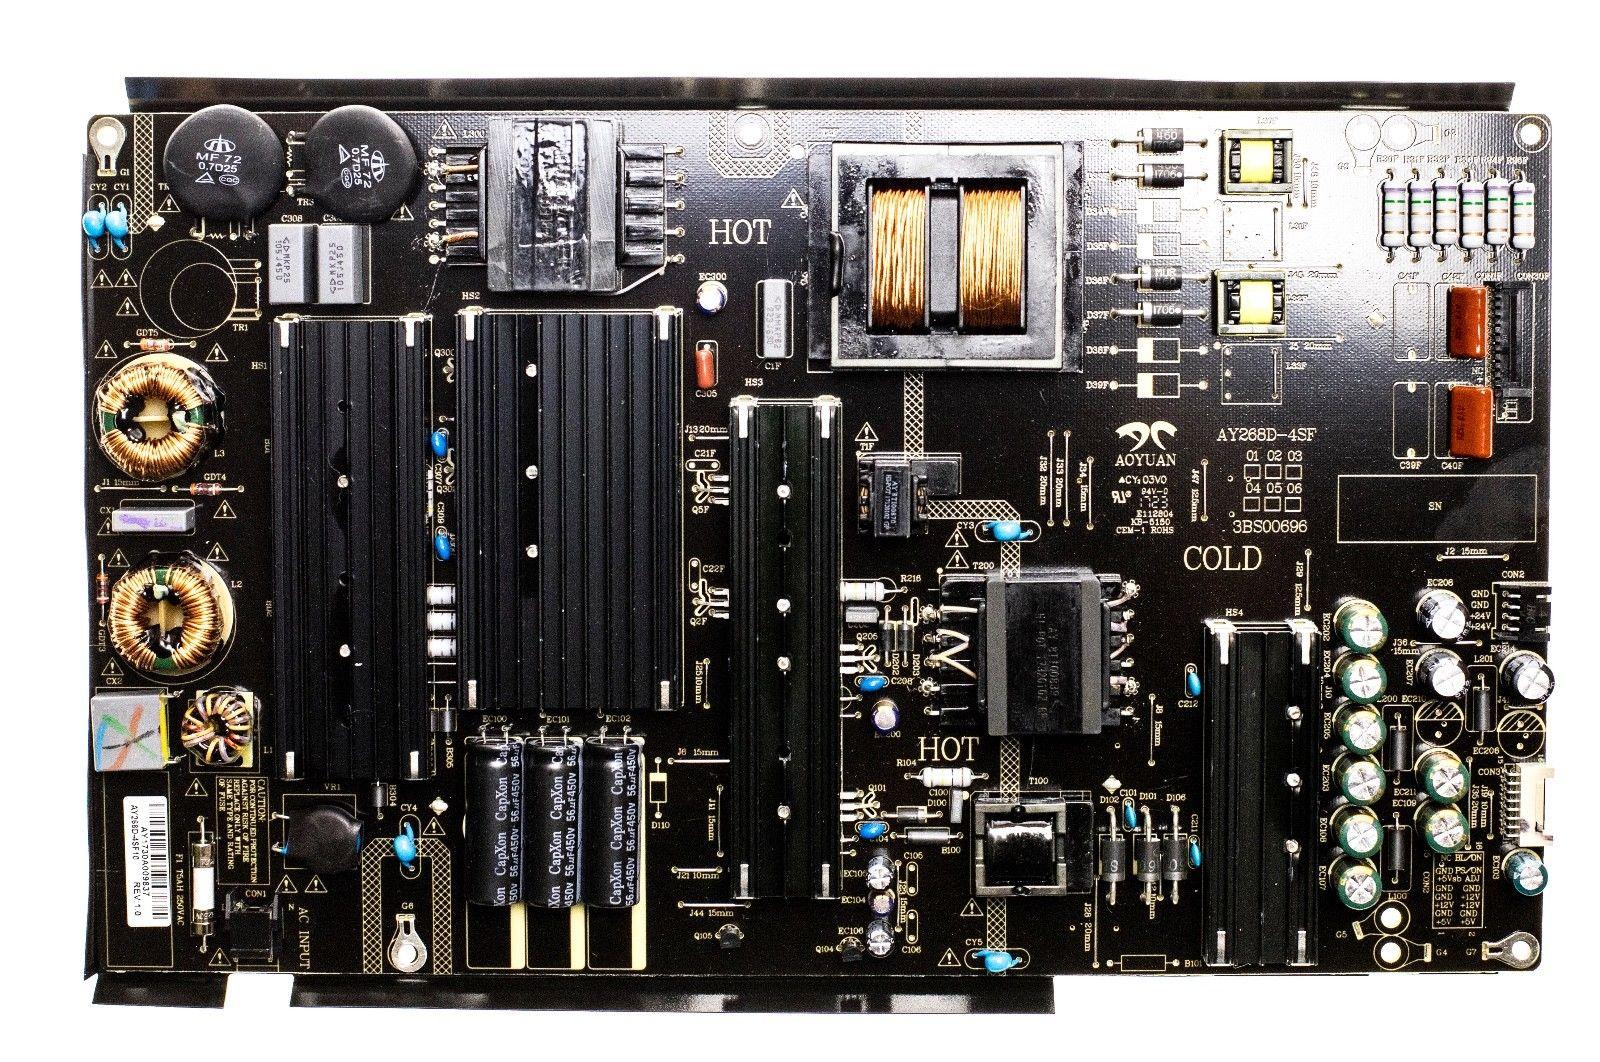 RCA Sceptre AY268D-4SF10 3BS00696 Power Supply Board for RTU7575-B U750CV-U